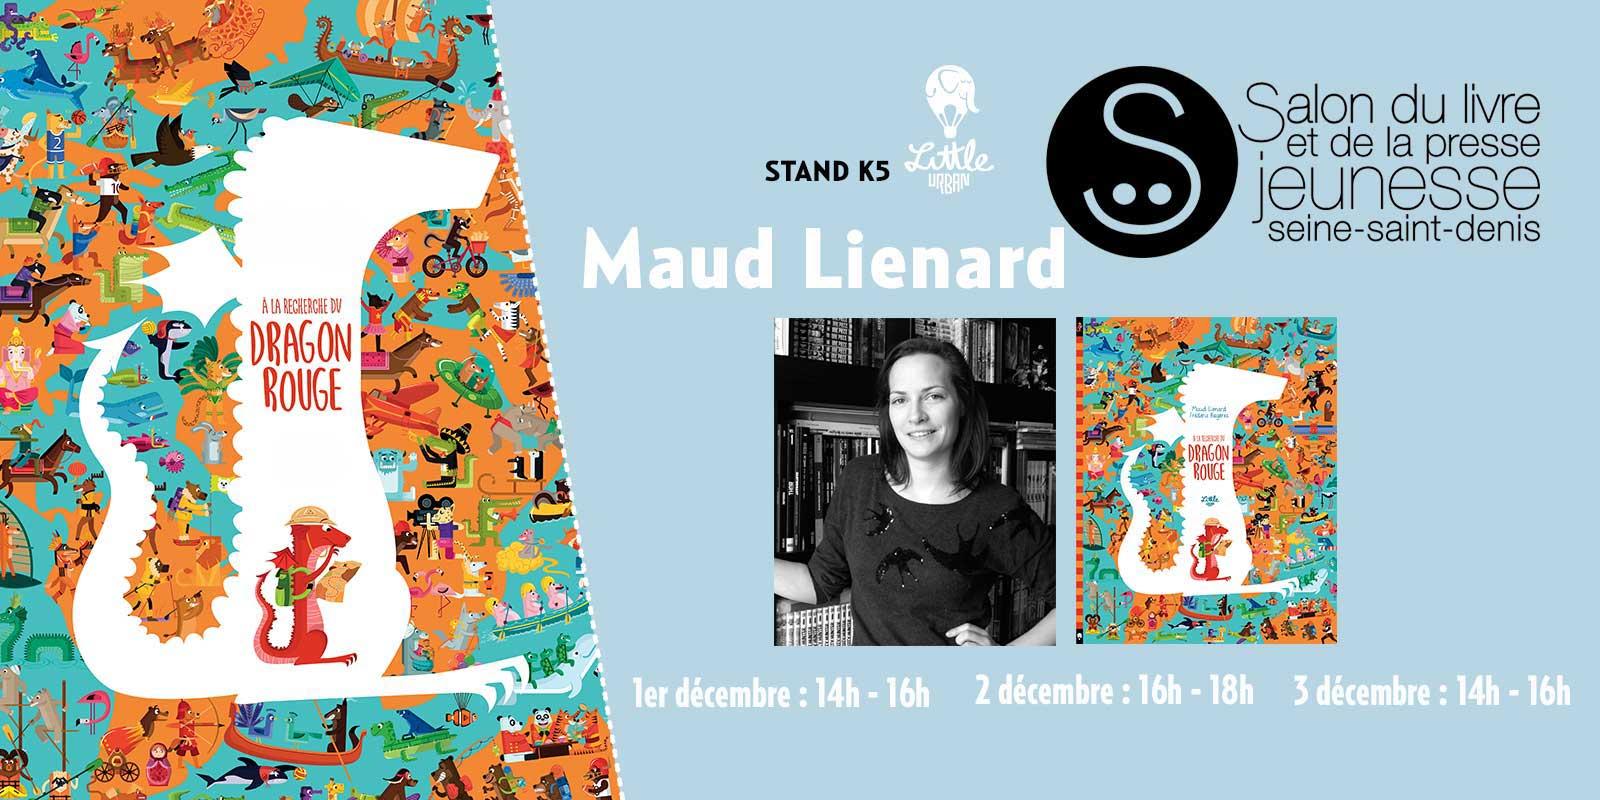 Maud lienard au salon du livre de montreuil for Salon du livre 2017 montreuil